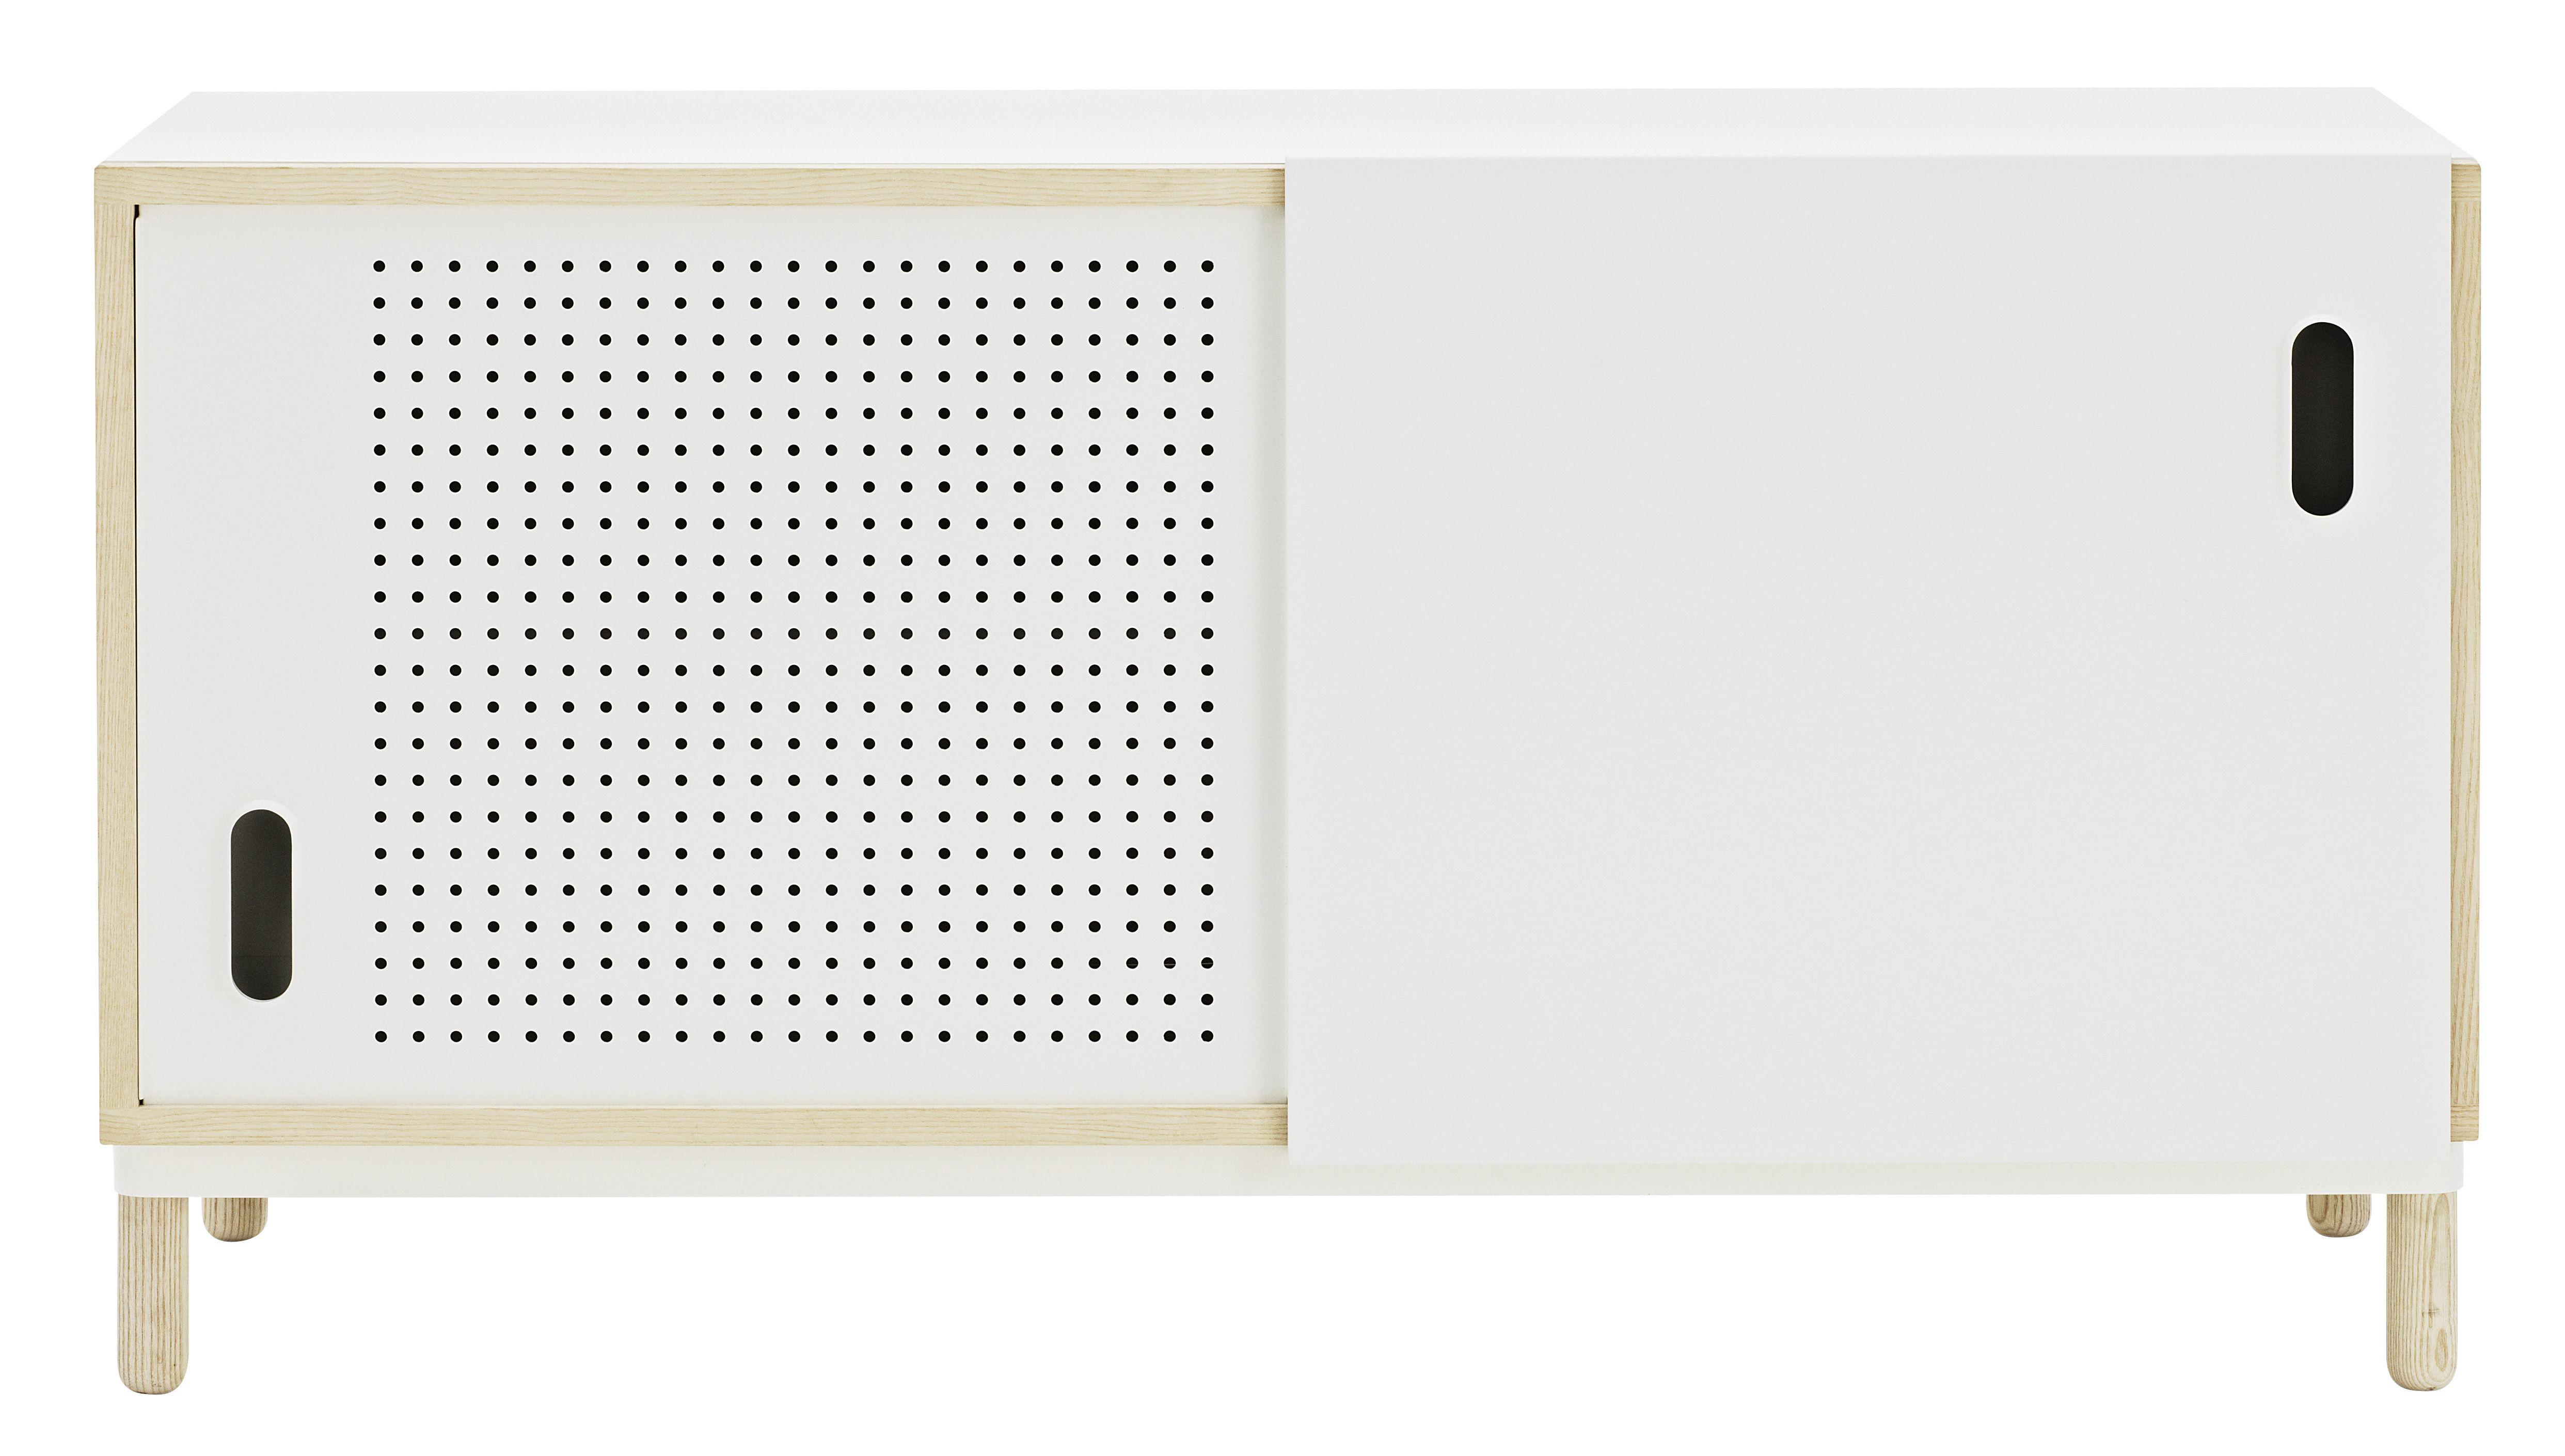 Möbel - Kommode und Anrichte - Kabino Anrichte / L 114 cm - Normann Copenhagen - Weiß - Esche, Holzfaserplatte, lackiertes Aluminium